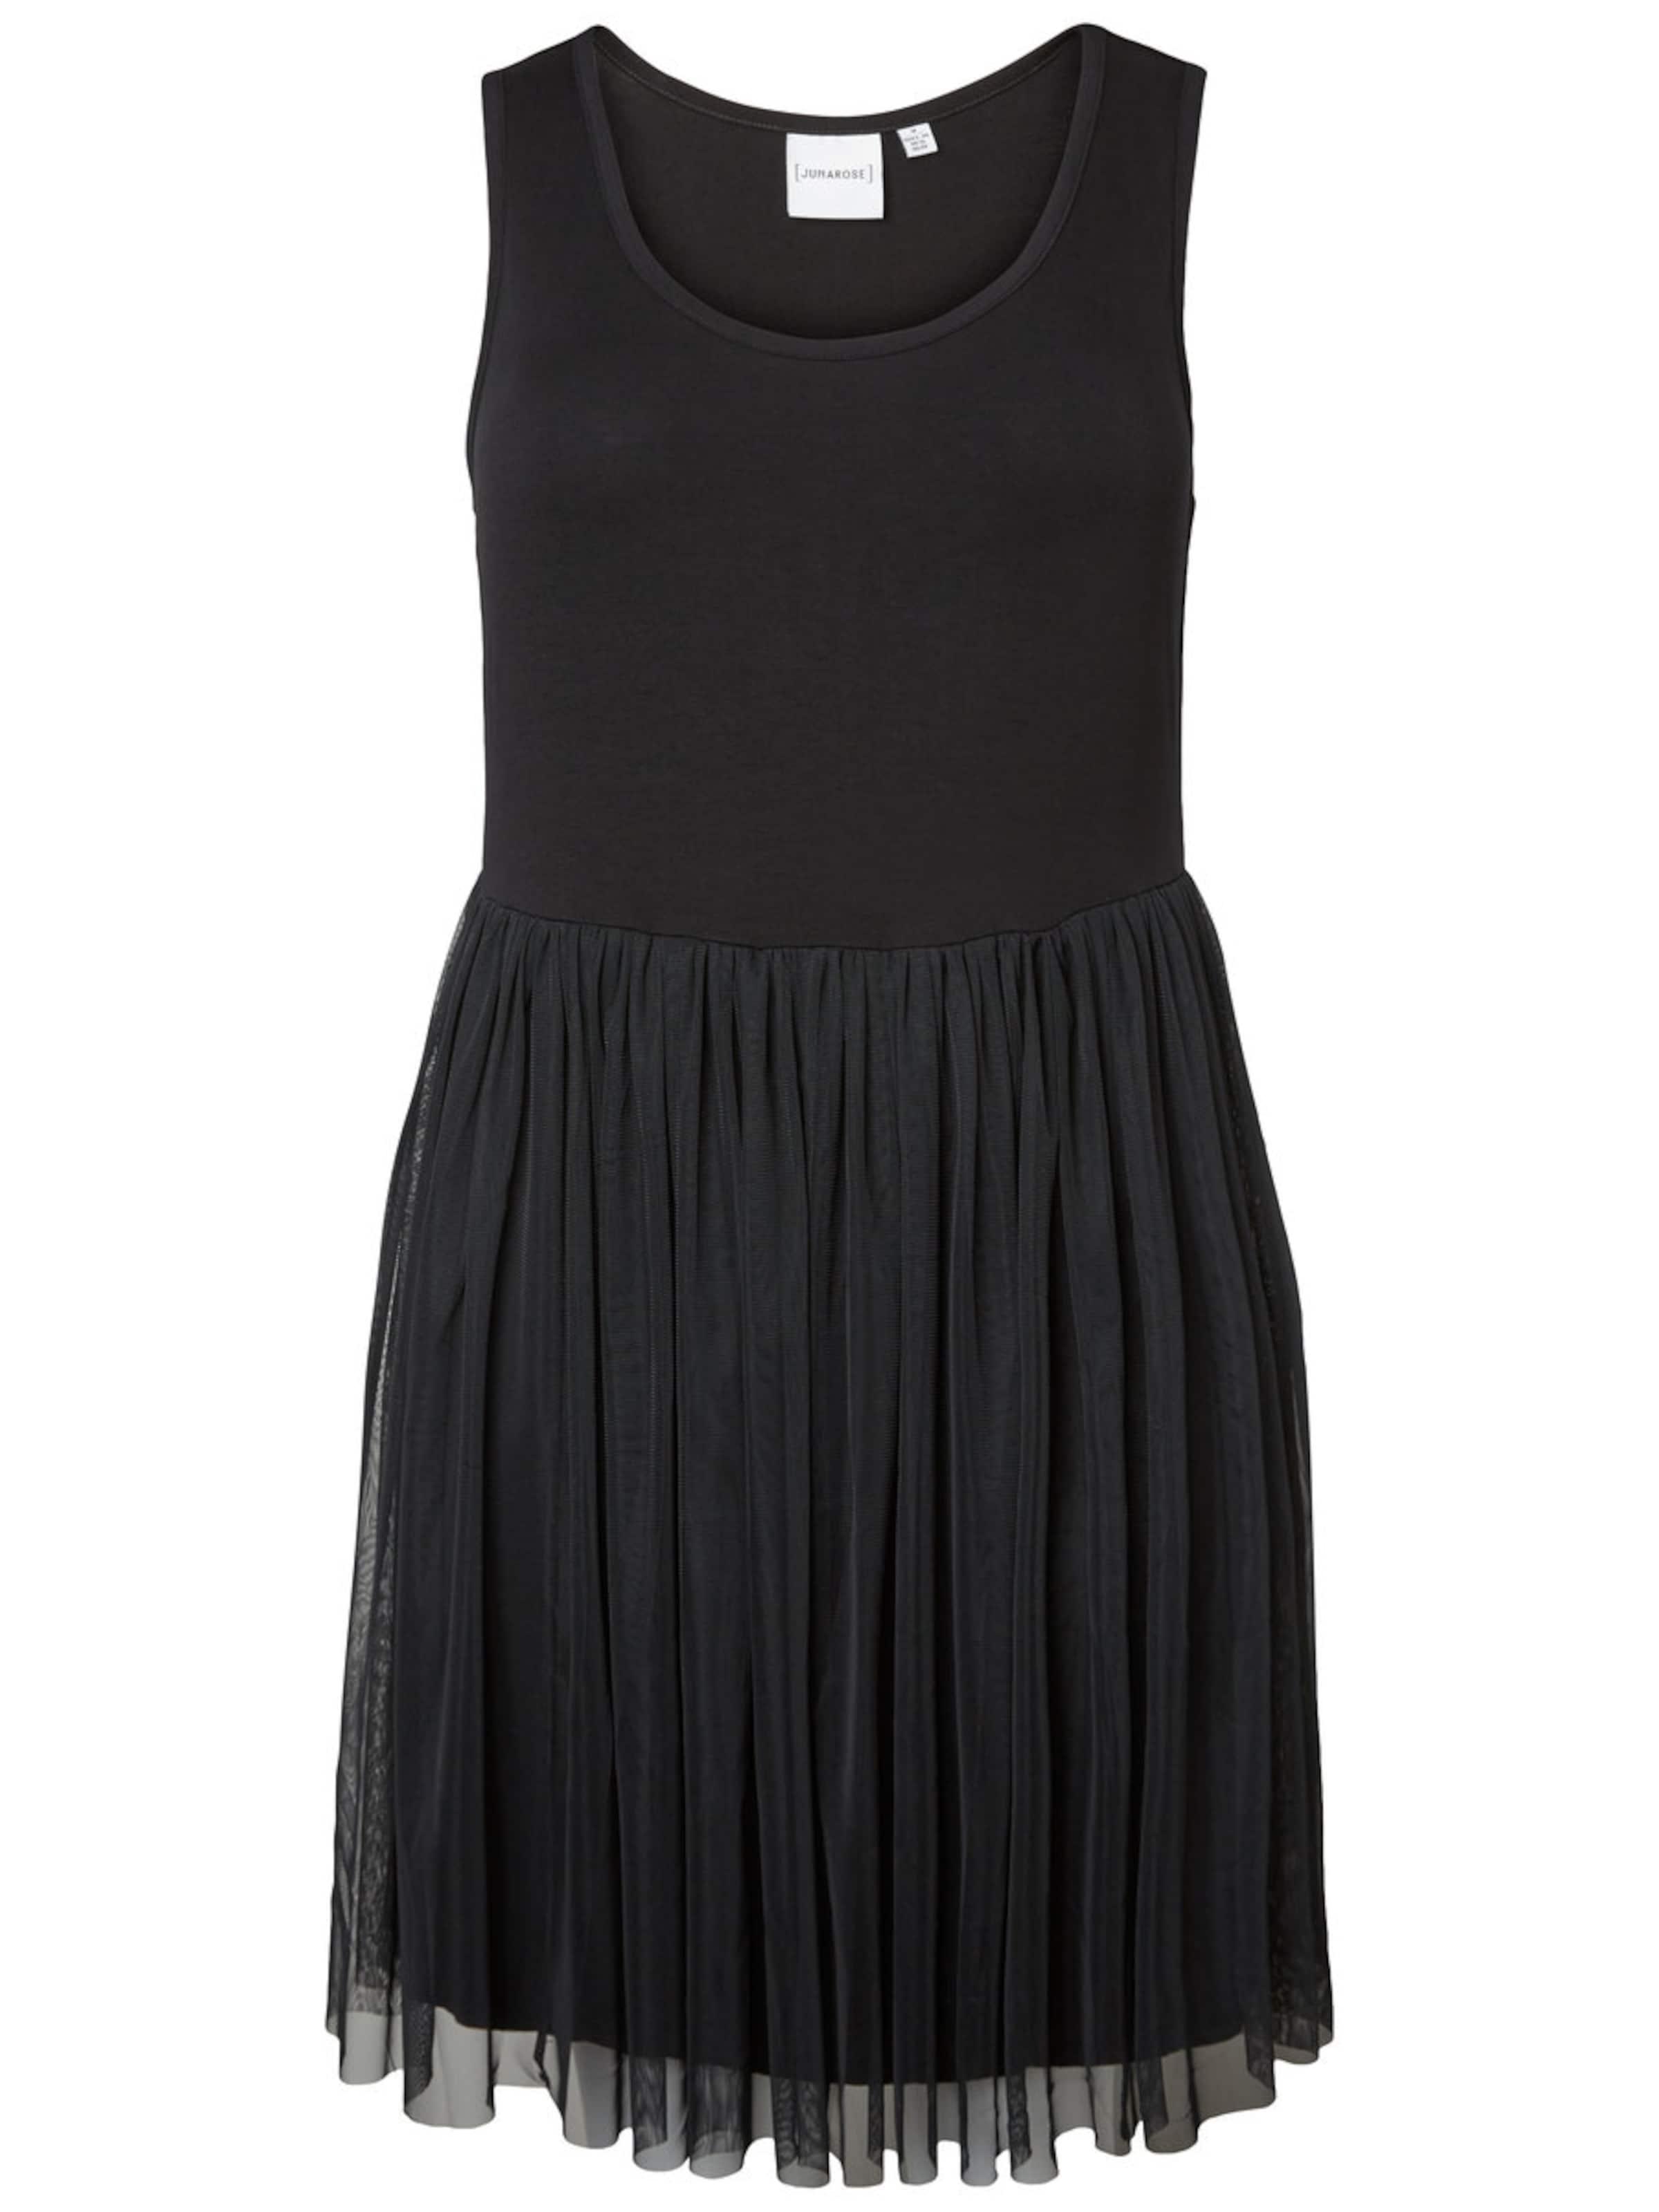 Junarose Ärmelloses Kleid Günstig Kaufen Kosten OcL5V